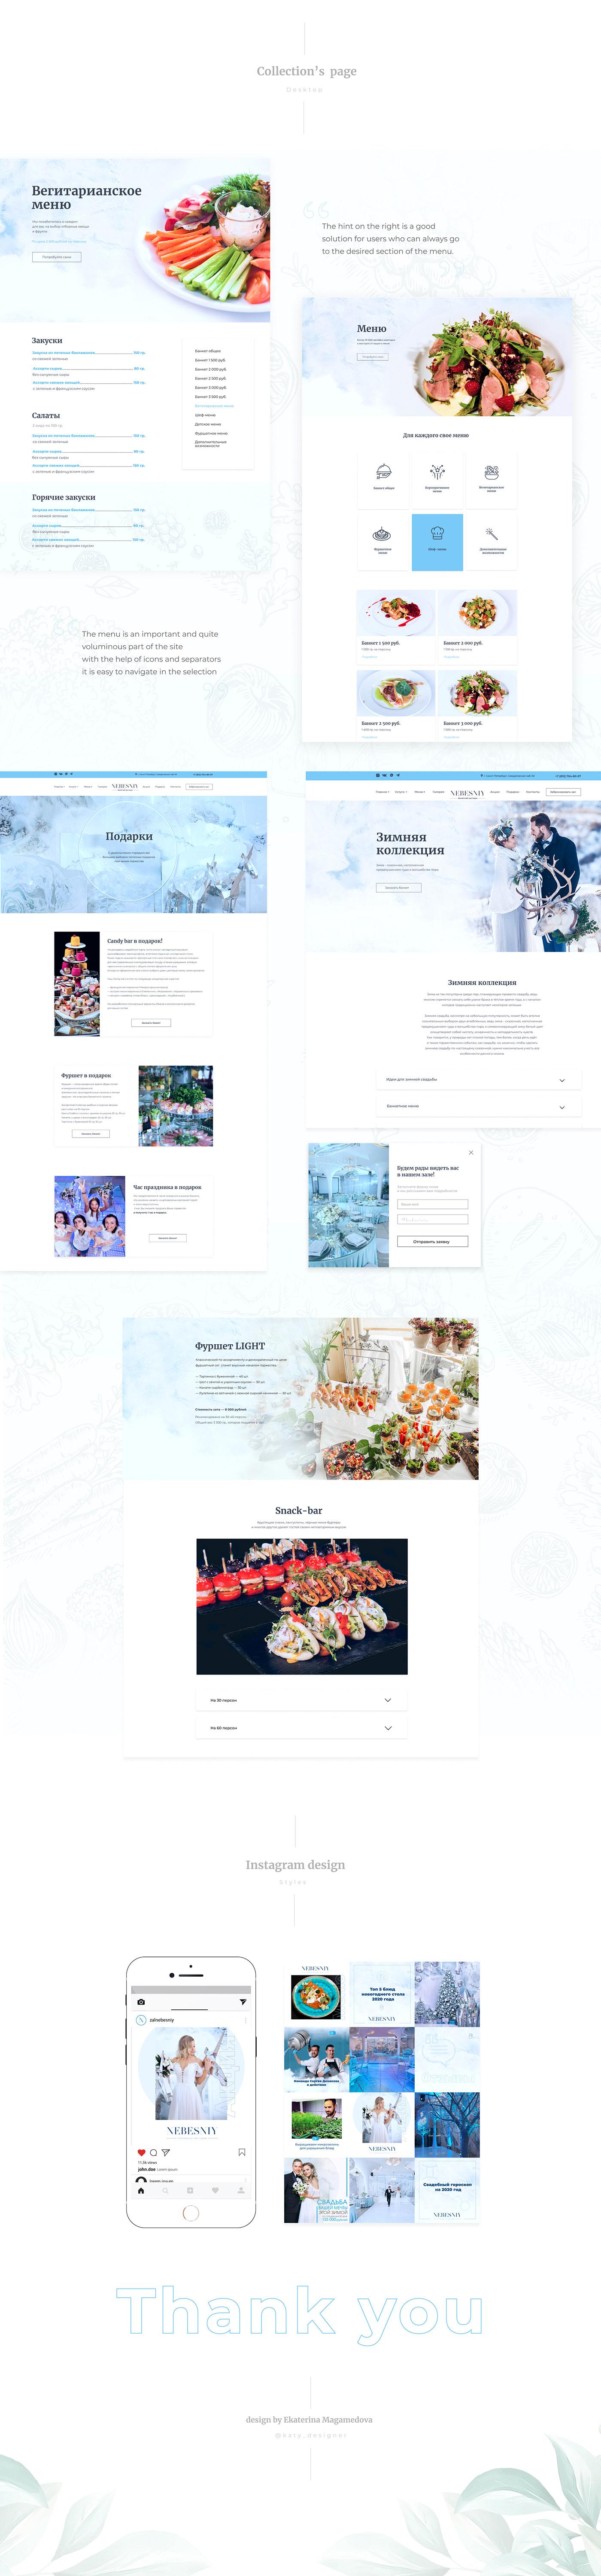 сайт ресторана restaurant wedding menu меню Webdesign UI ux